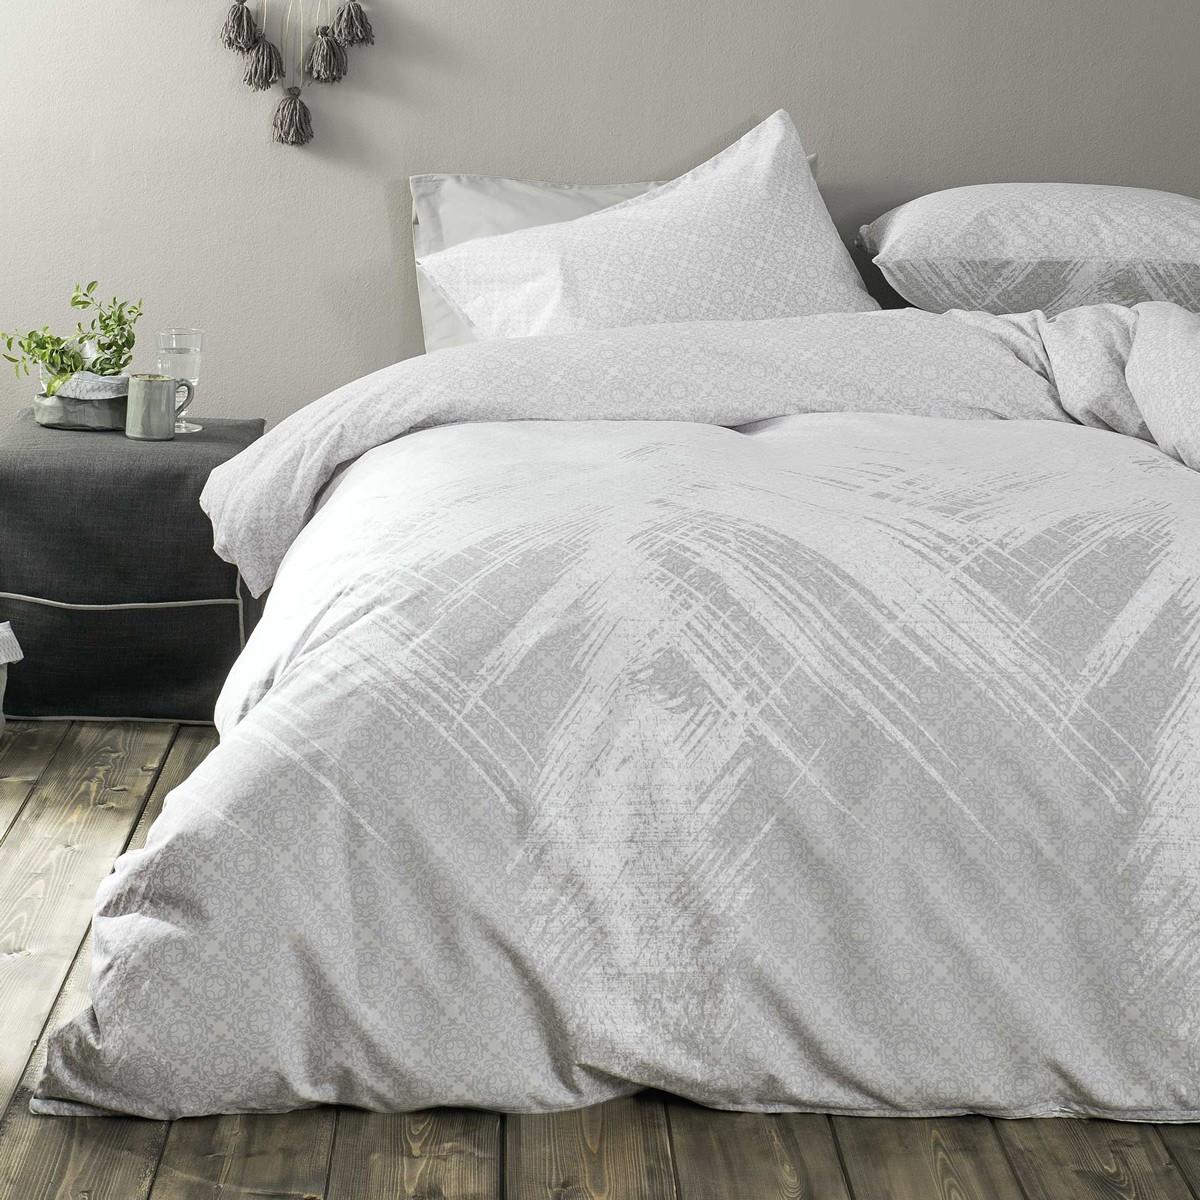 Σεντόνια Μονά (Σετ) Nima Bed Linen Portoro Grey ΜΕ ΛΑΣΤΙΧΟ 100×200+32 ΜΕ ΛΑΣΤΙΧΟ 100×200+32